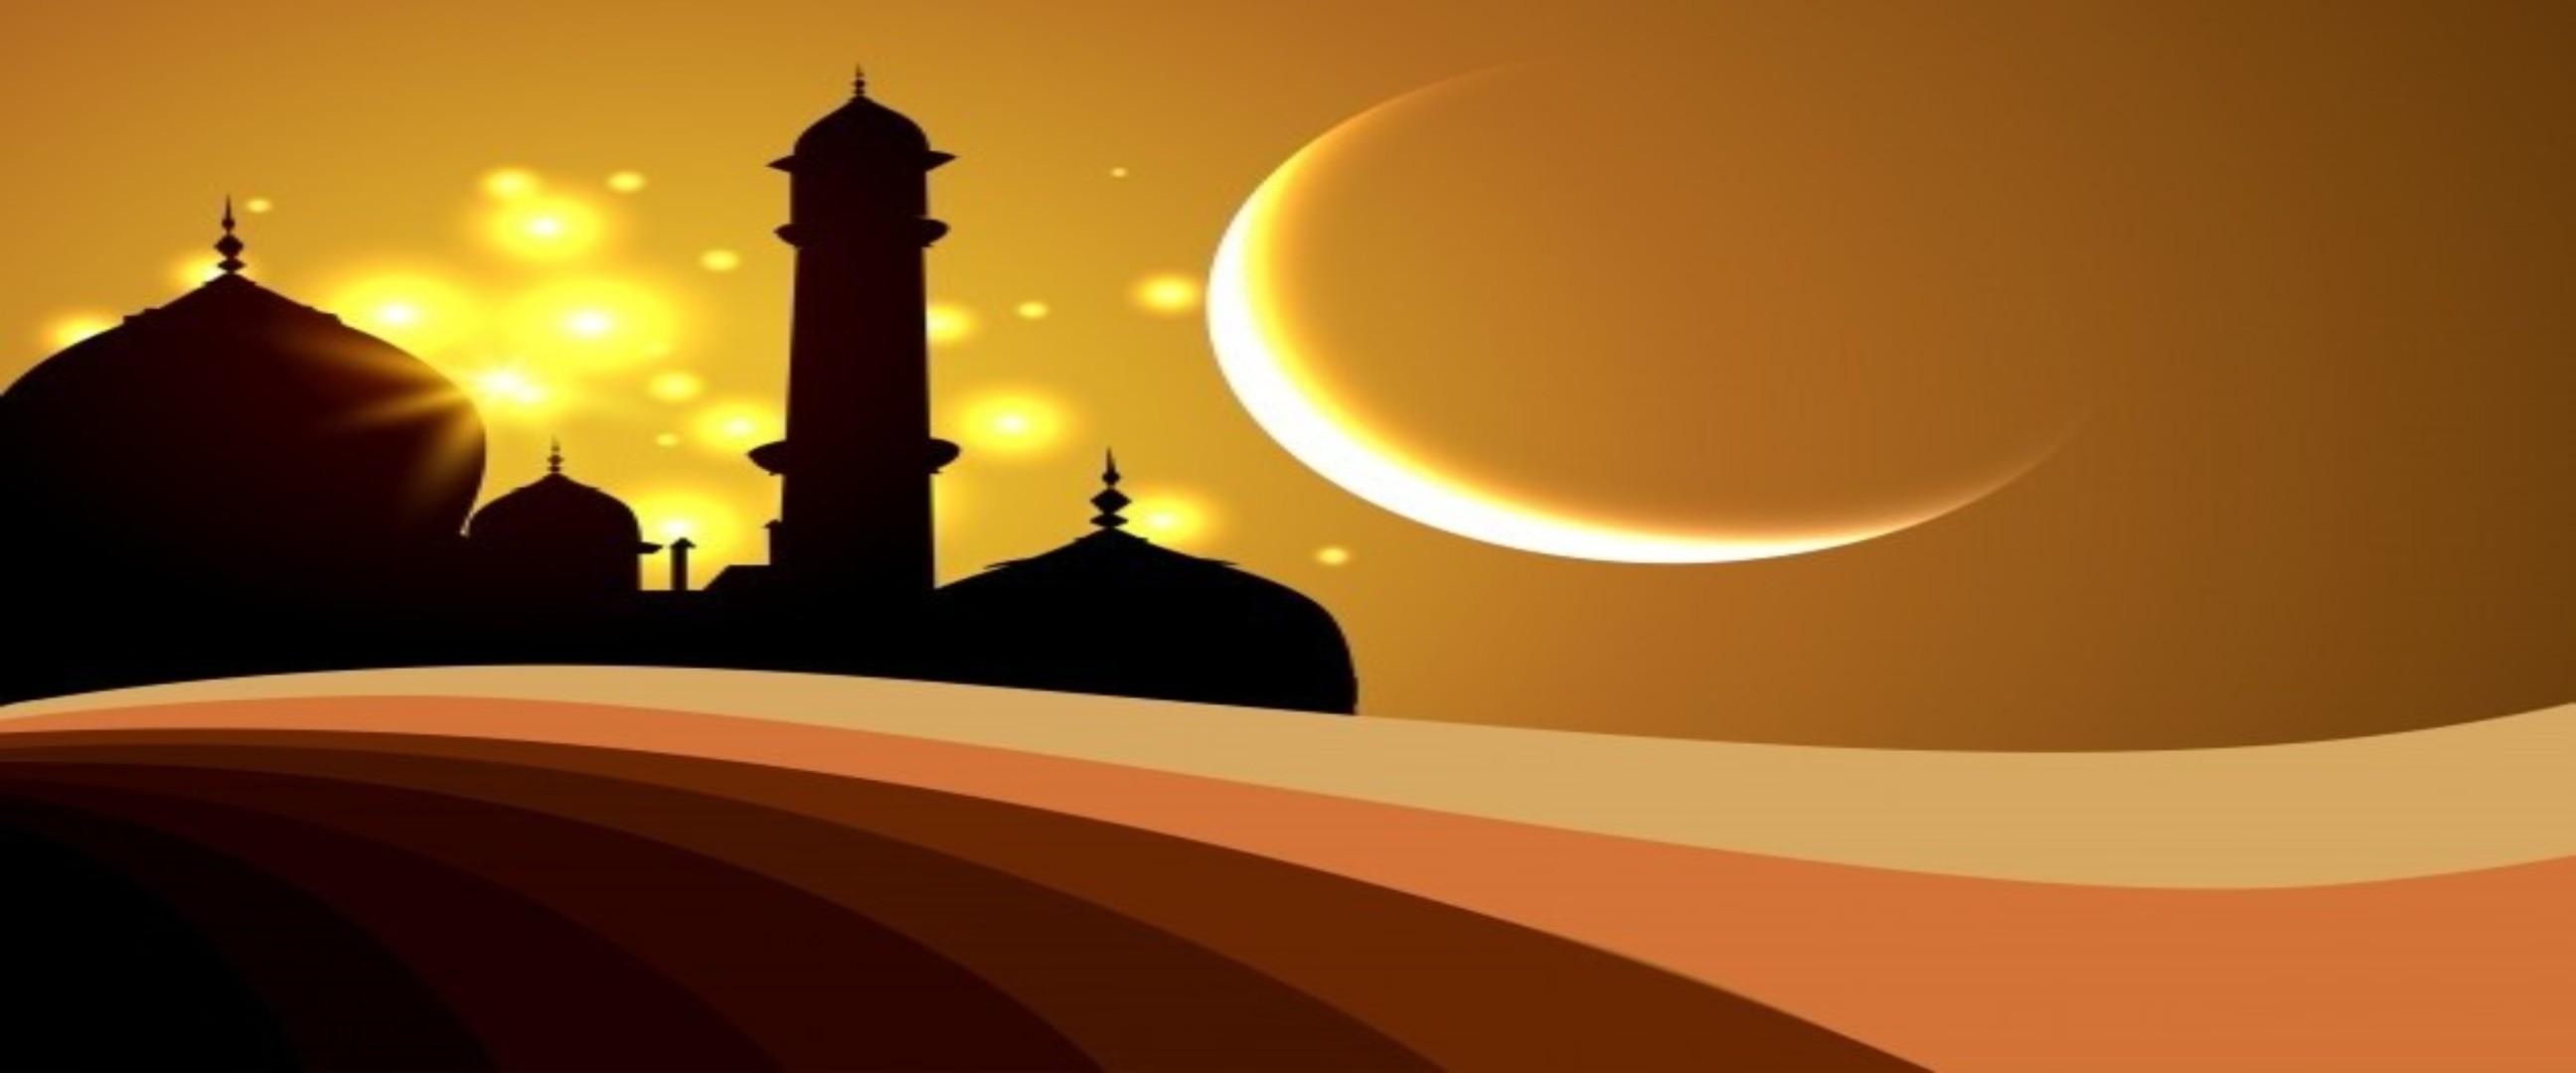 Tanda lailatul qadar, bacaan doa dan dzikir beserta artinya